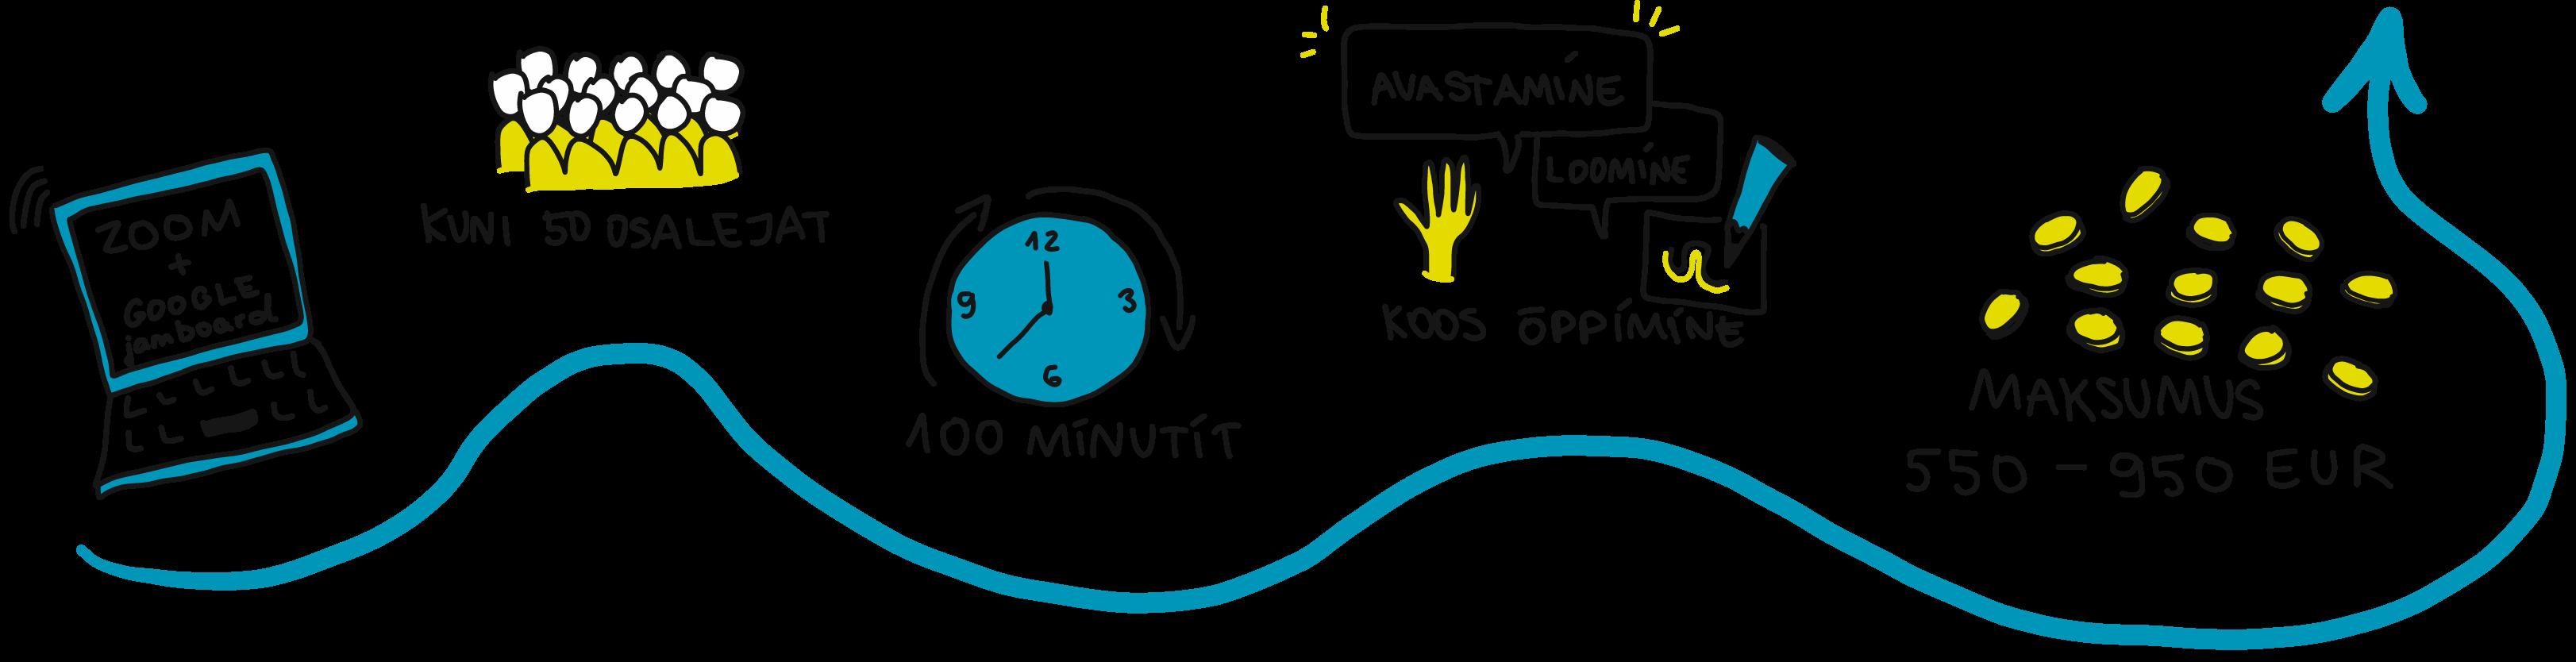 Visualiseerimise protsess